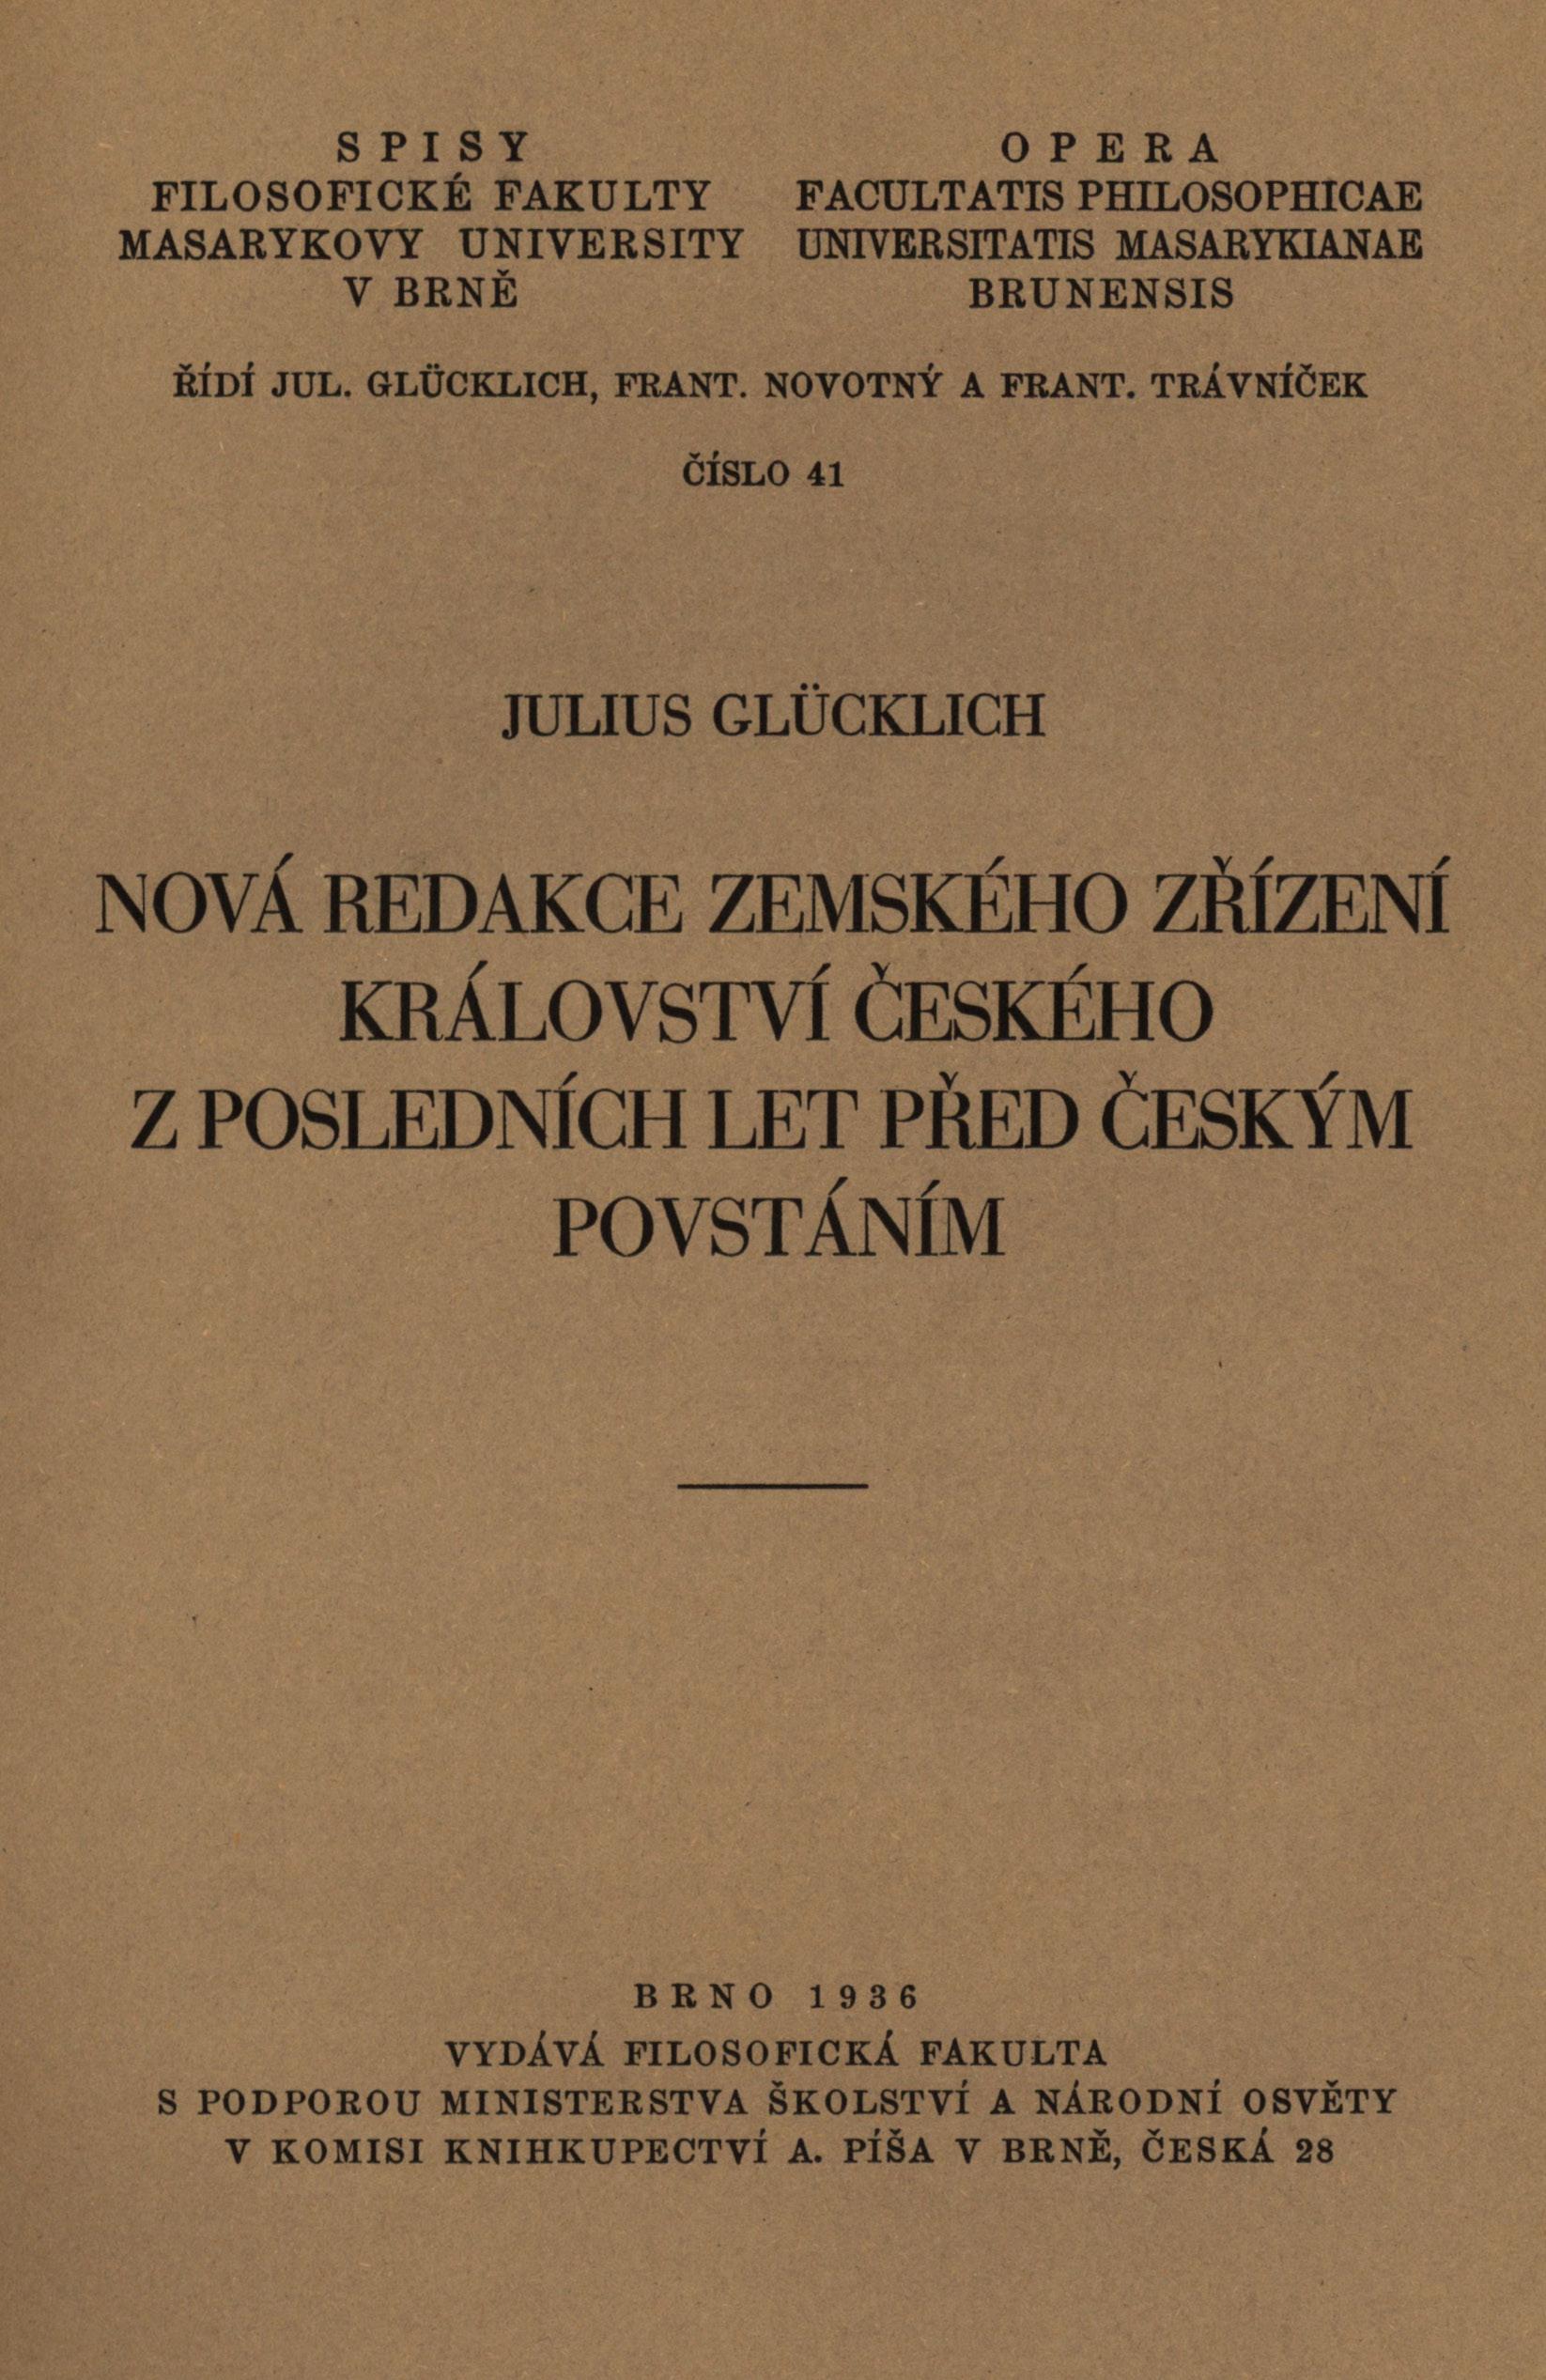 Obálka pro Nová redakce zemského zřízení království českého z posledních let před českým povstáním